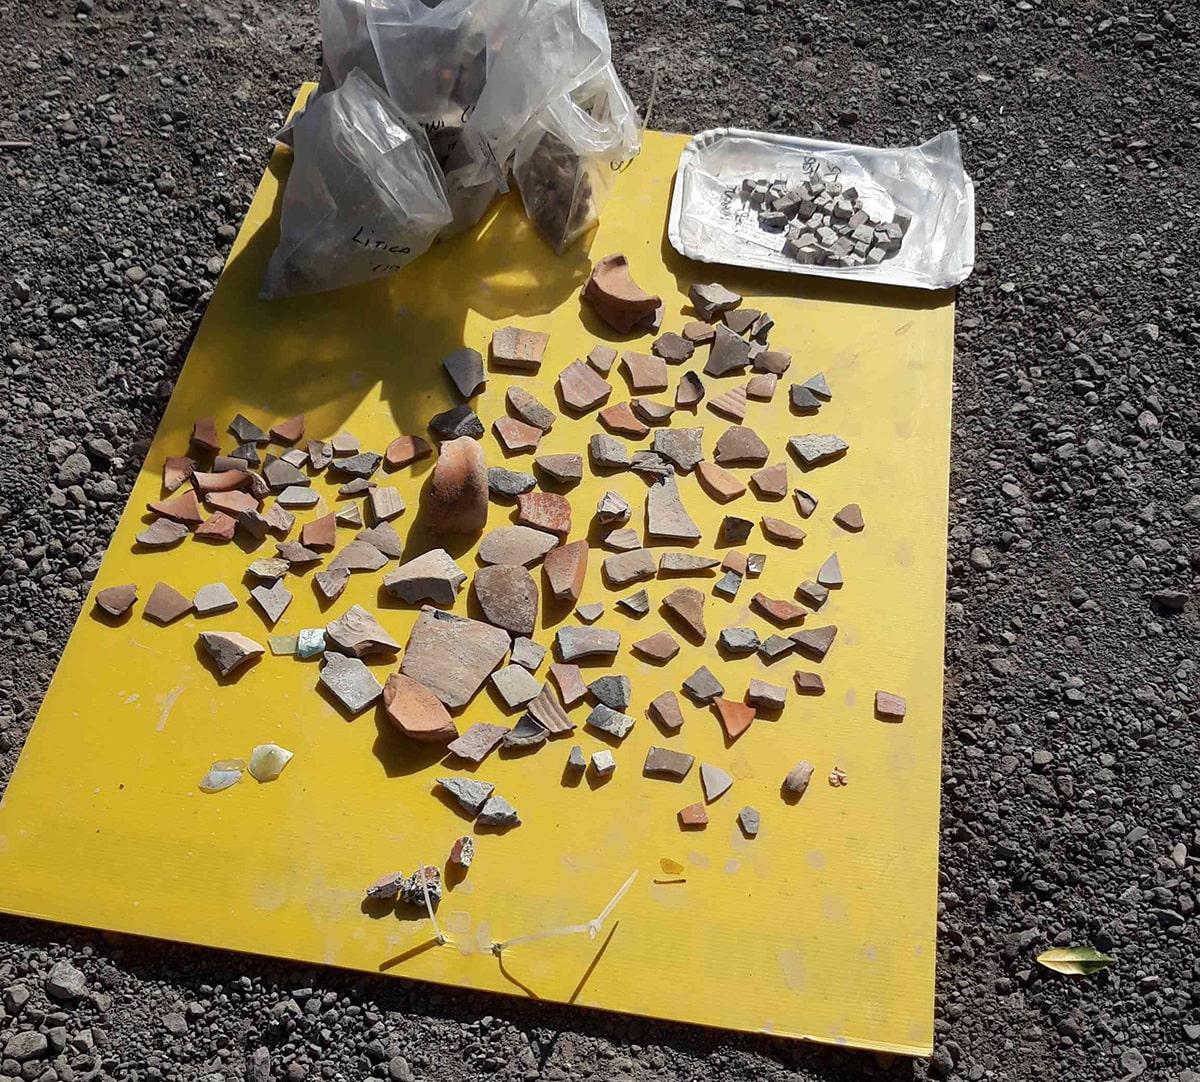 Nuovi ritrovamenti archeologici in via Melozzo da Forlì